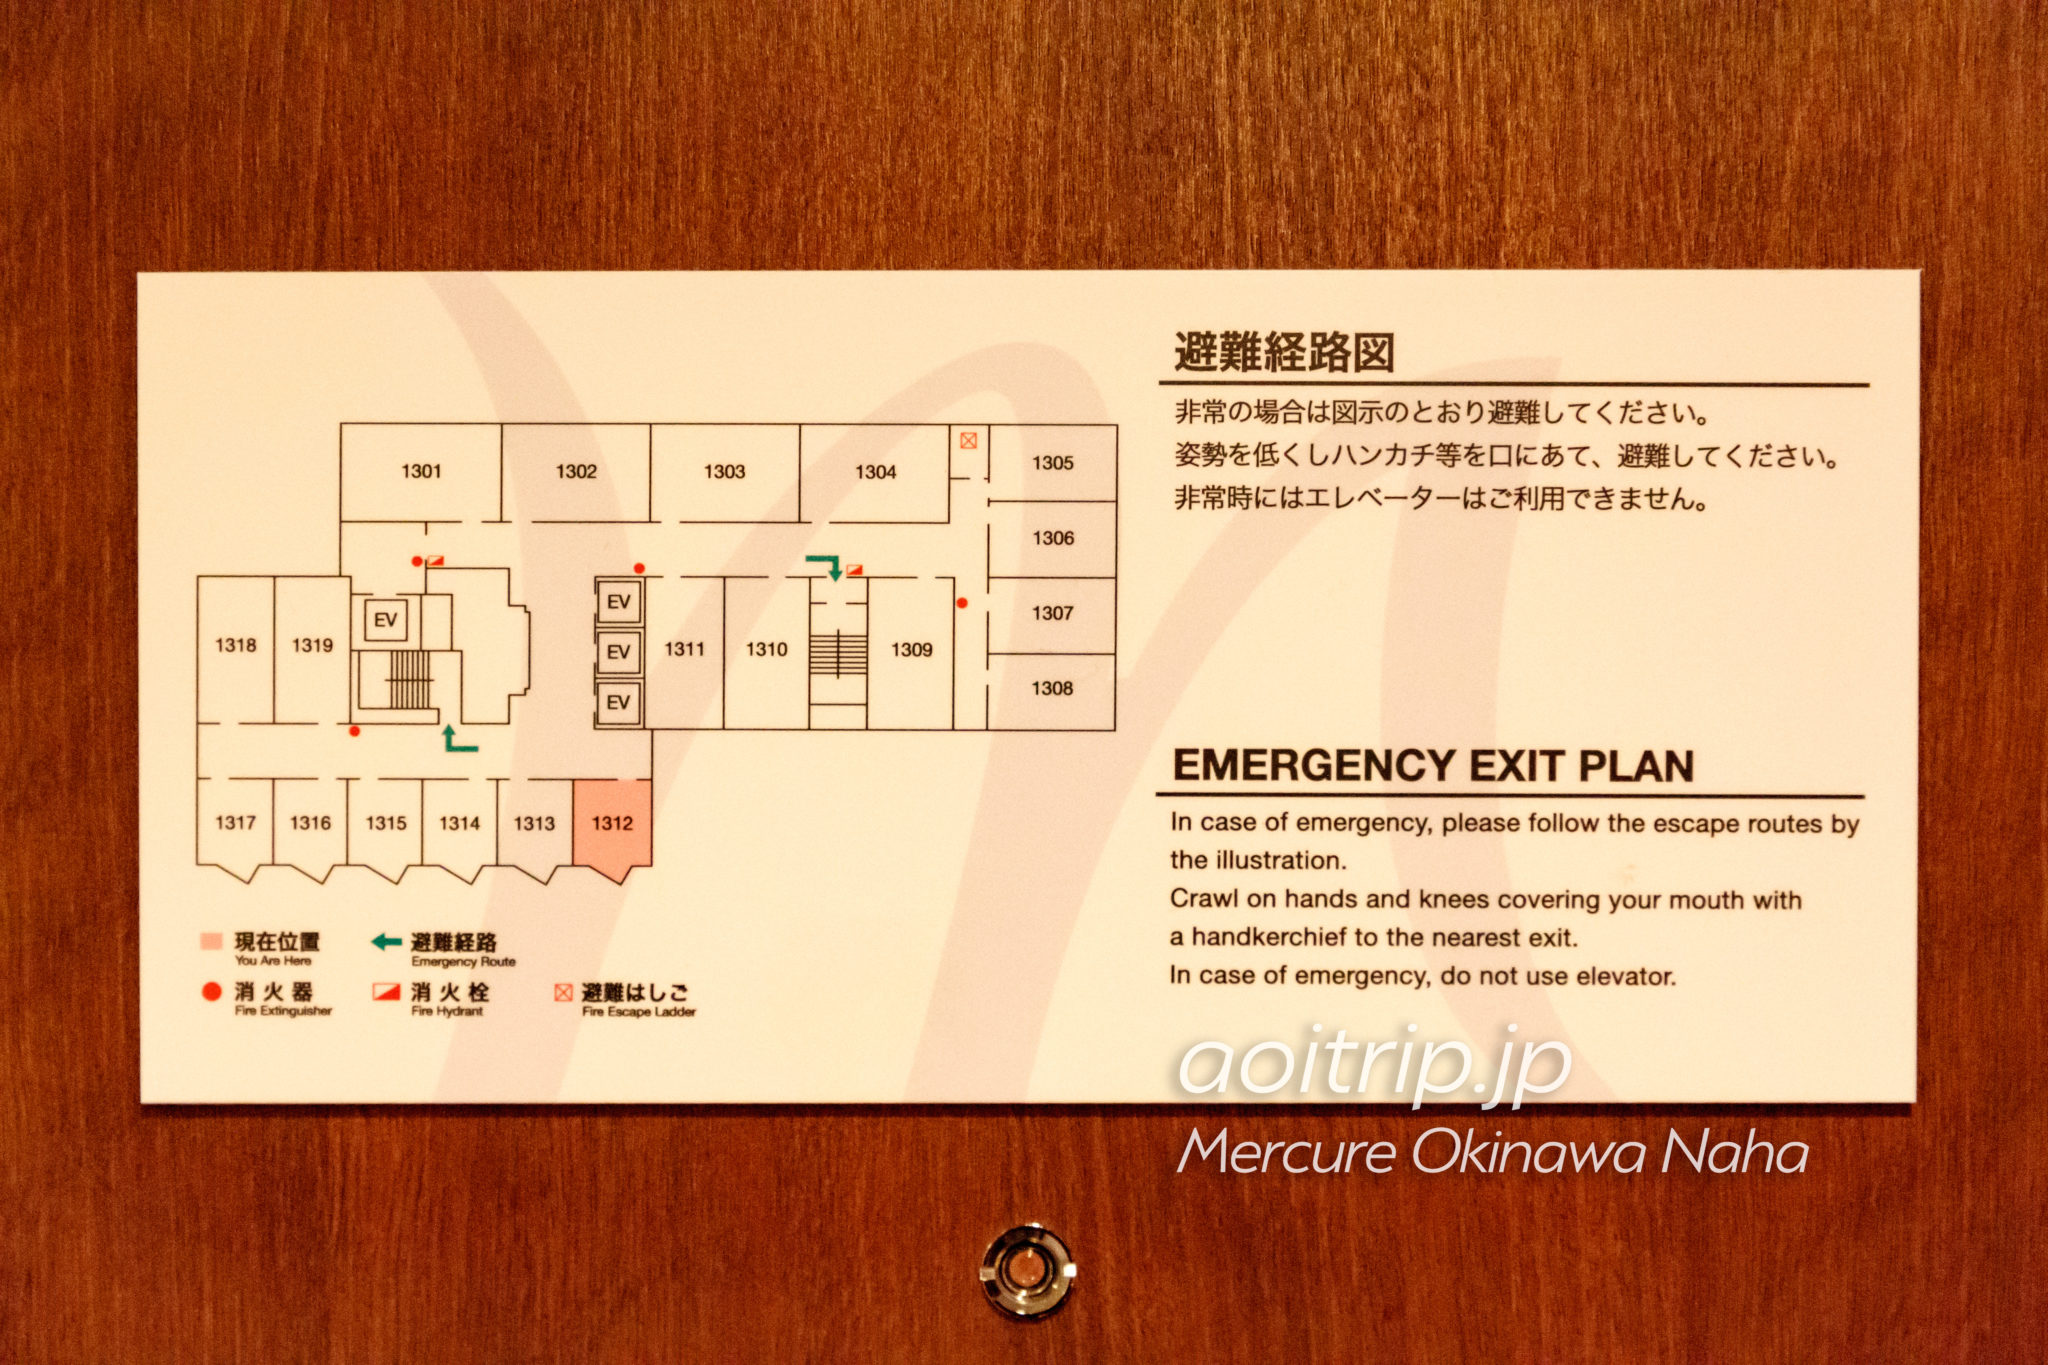 メルキュール沖縄那覇 フロアマップ